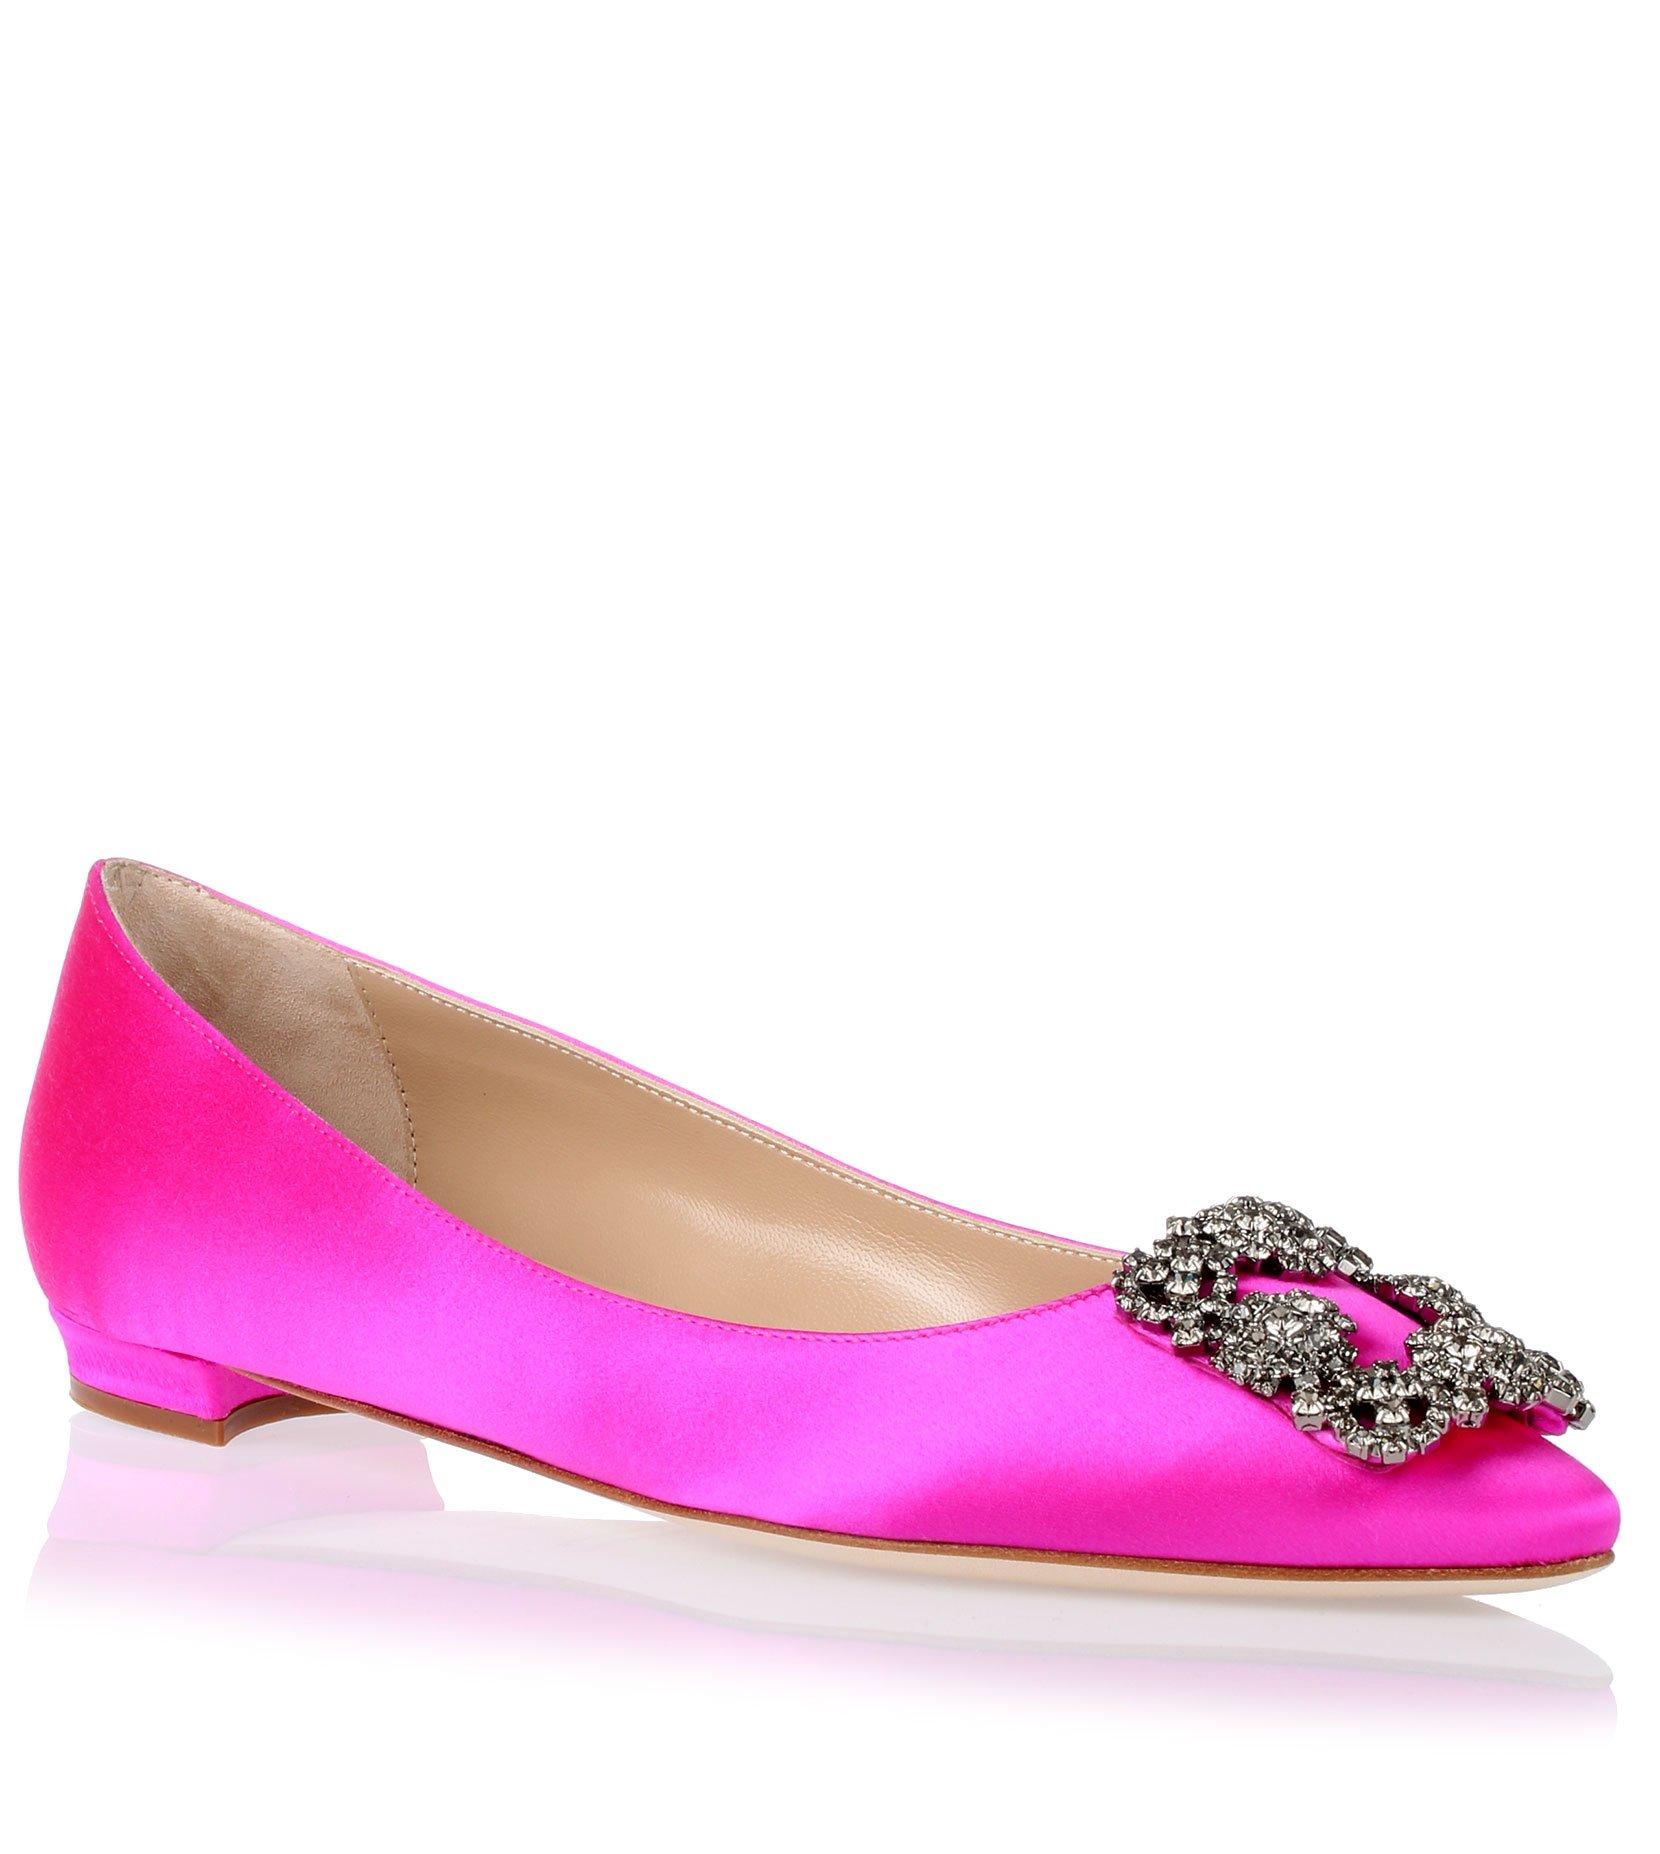 Manolo blahnik flat hangisi satin hot pink in pink lyst for Shoe designer manolo blahnik